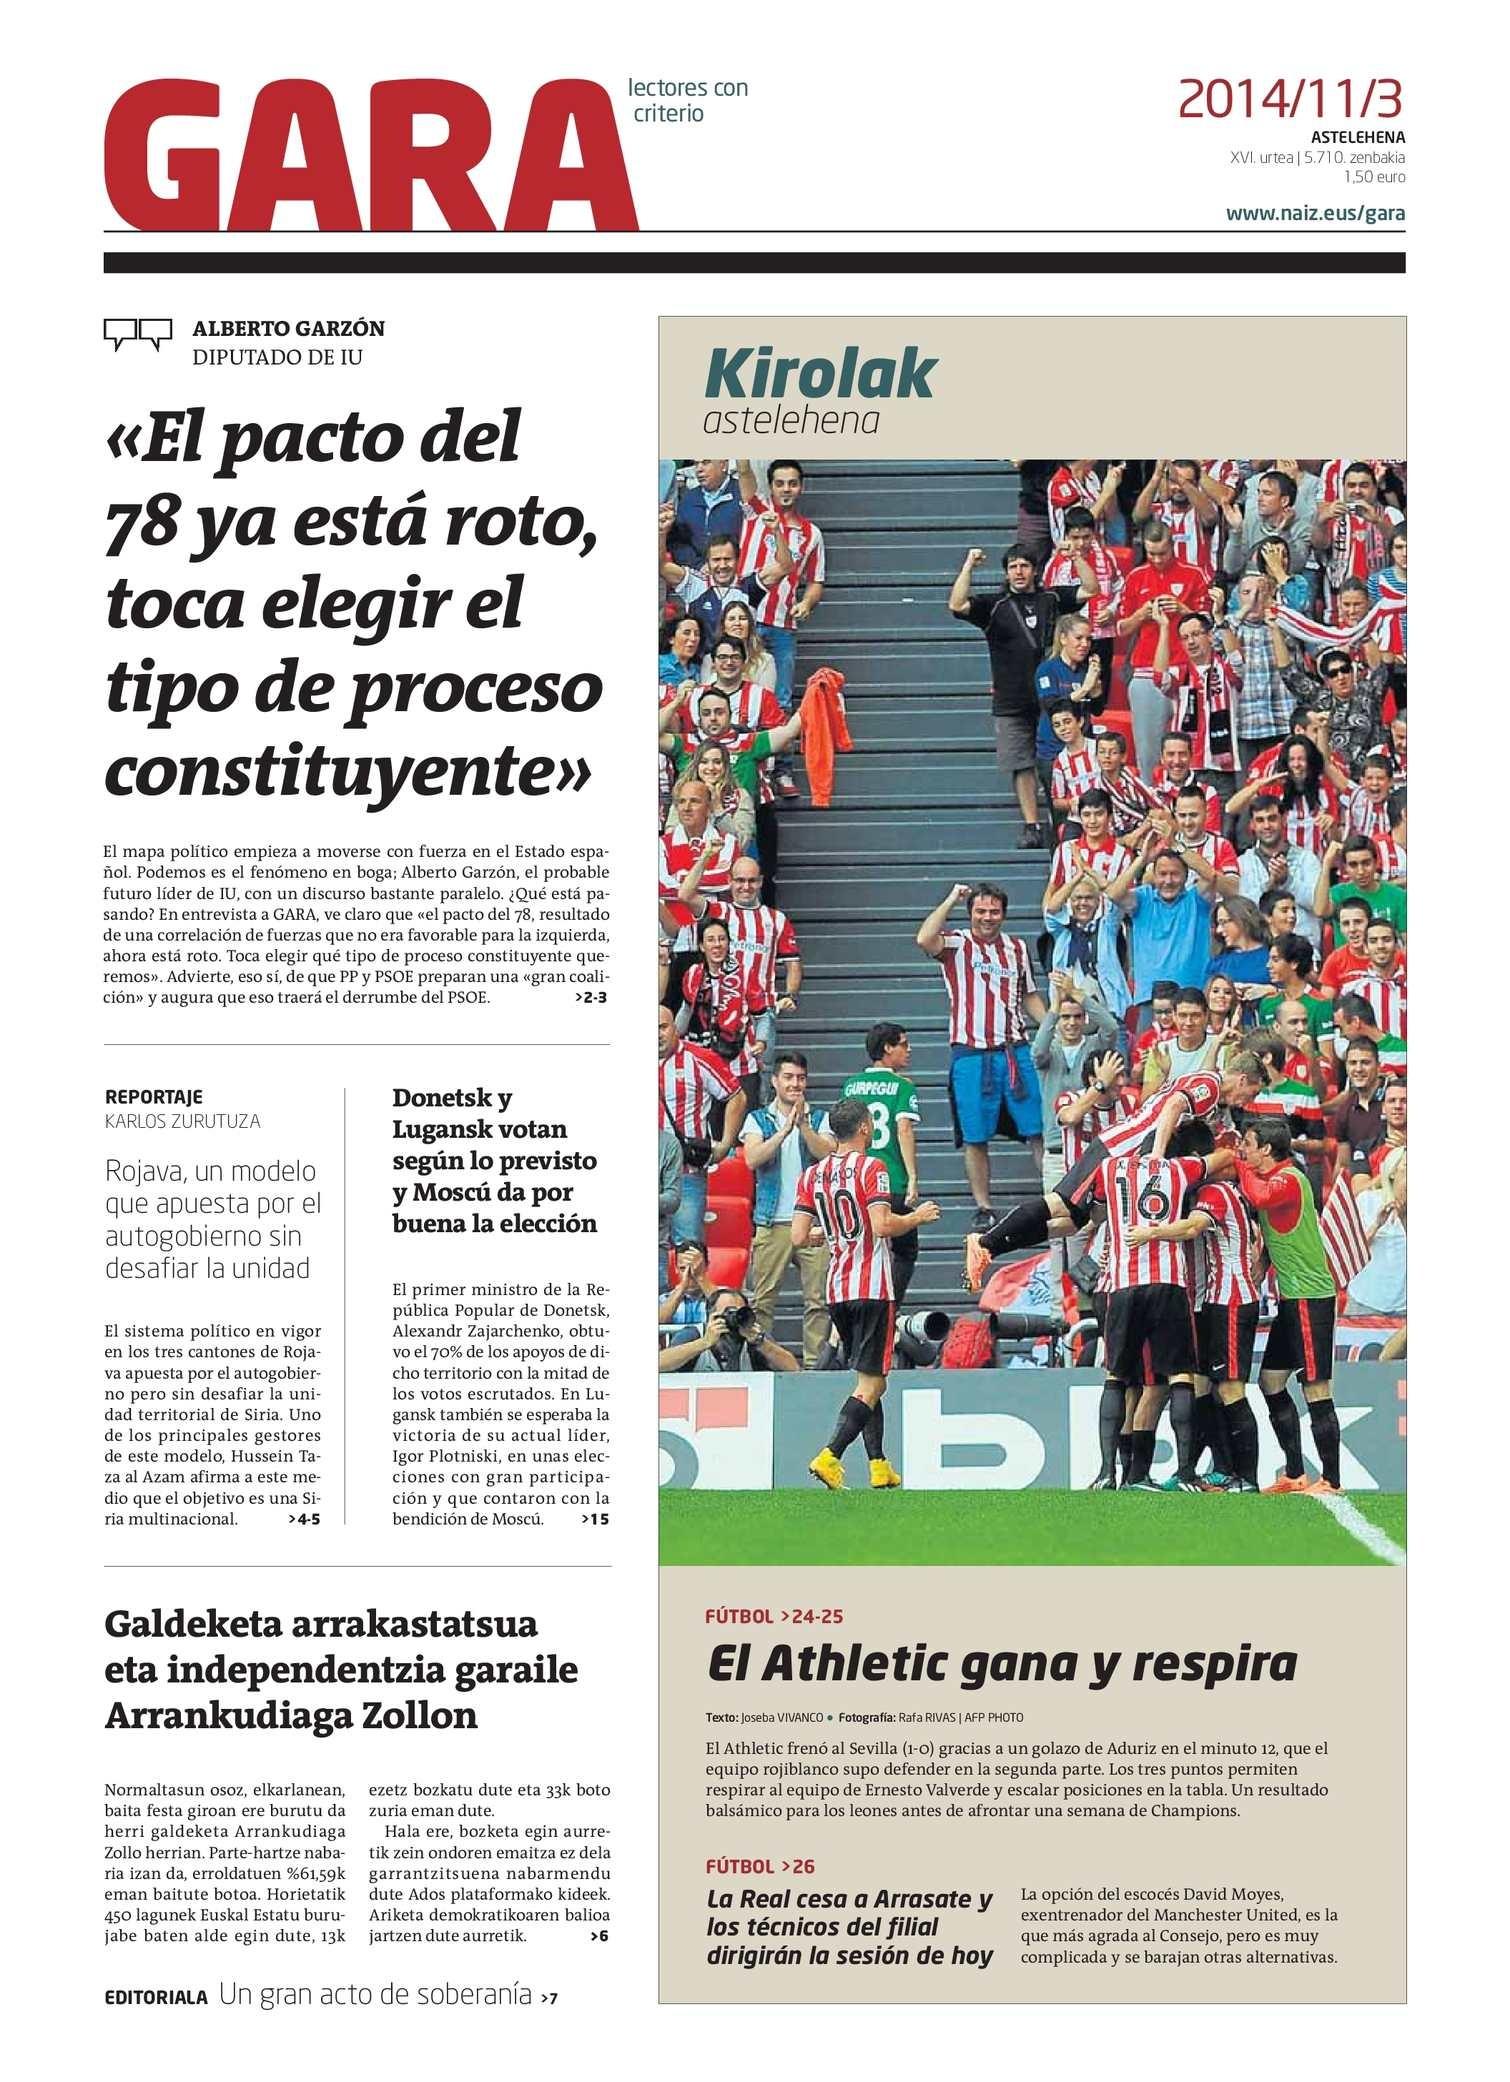 Calendario Alaves Liga 2019 Más Recientes Calaméo Gara Of Calendario Alaves Liga 2019 Recientes Y Bacca Prenden Las Alarmas